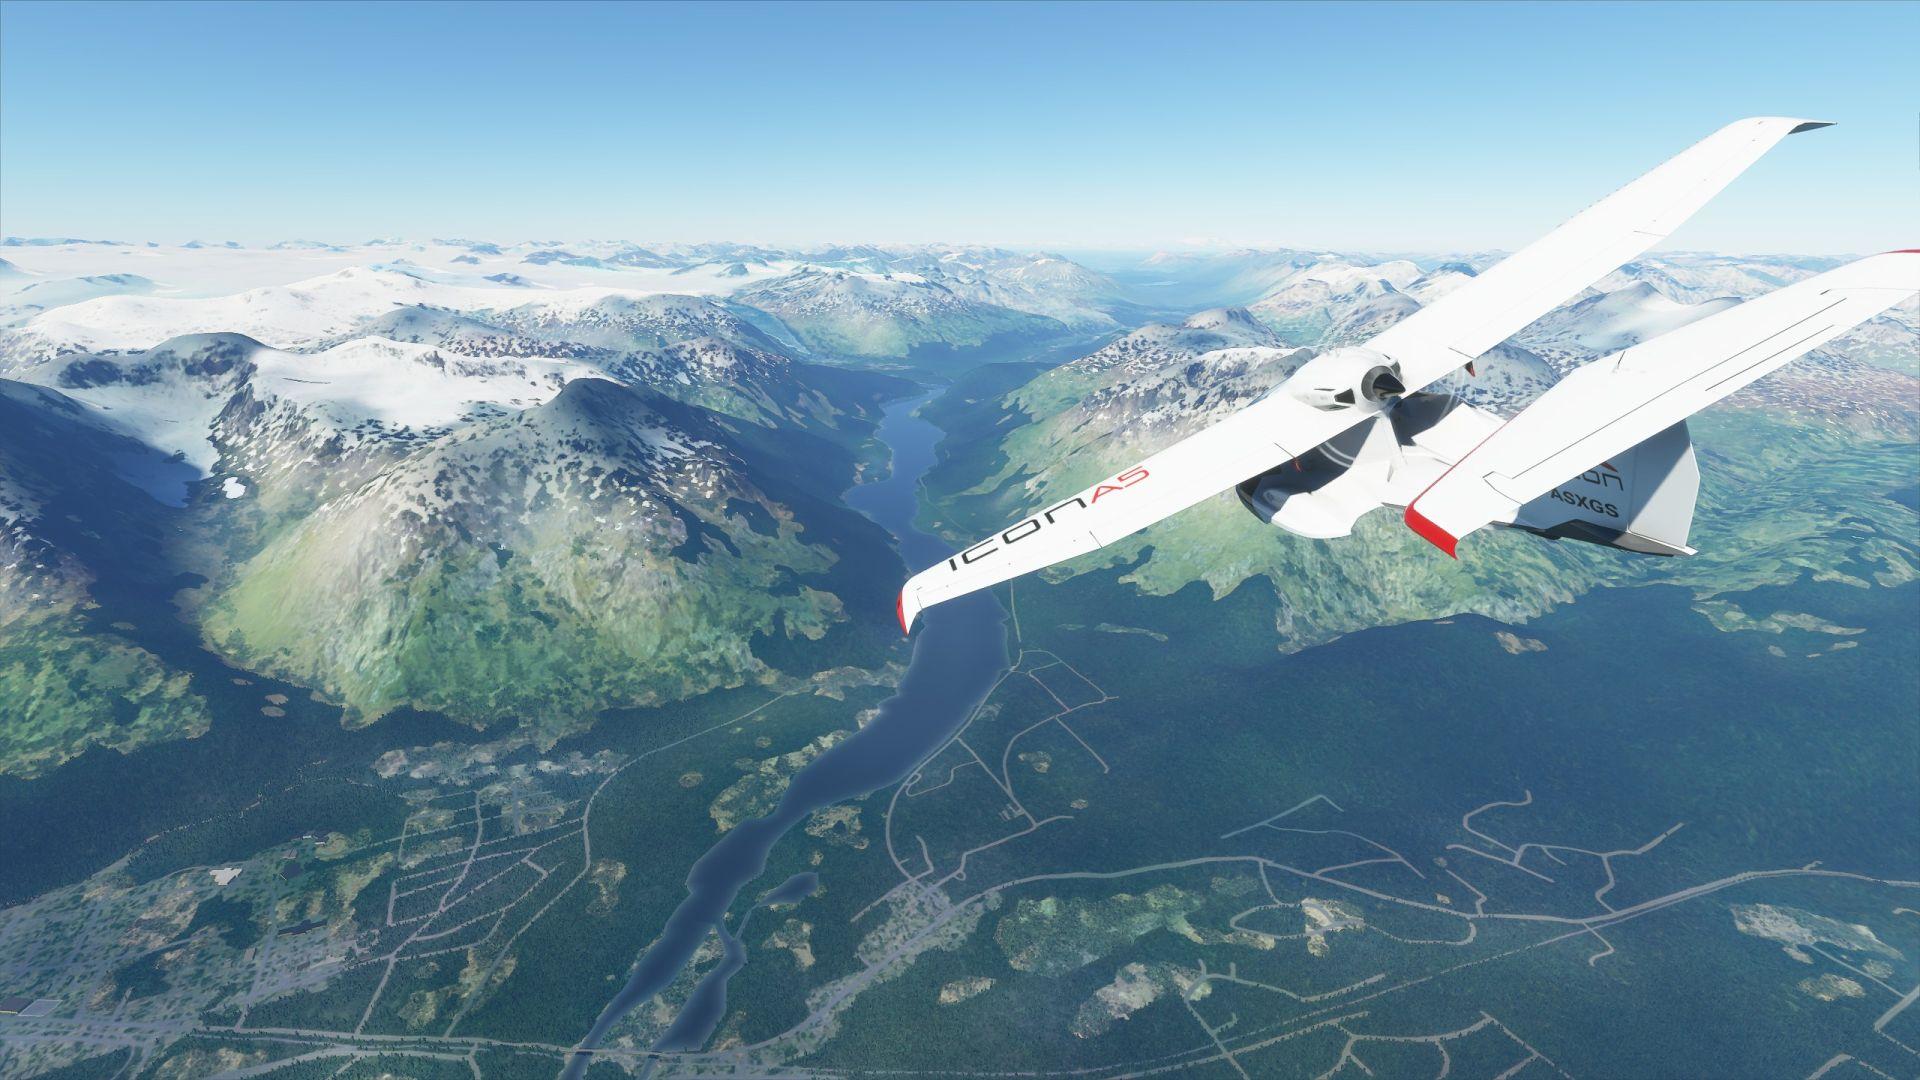 Una captura de pantalla de Microsoft Flight Simulator.  Una avioneta sobrevuela el paisaje de Alaska.  Un río llano corre entre dos montañas.